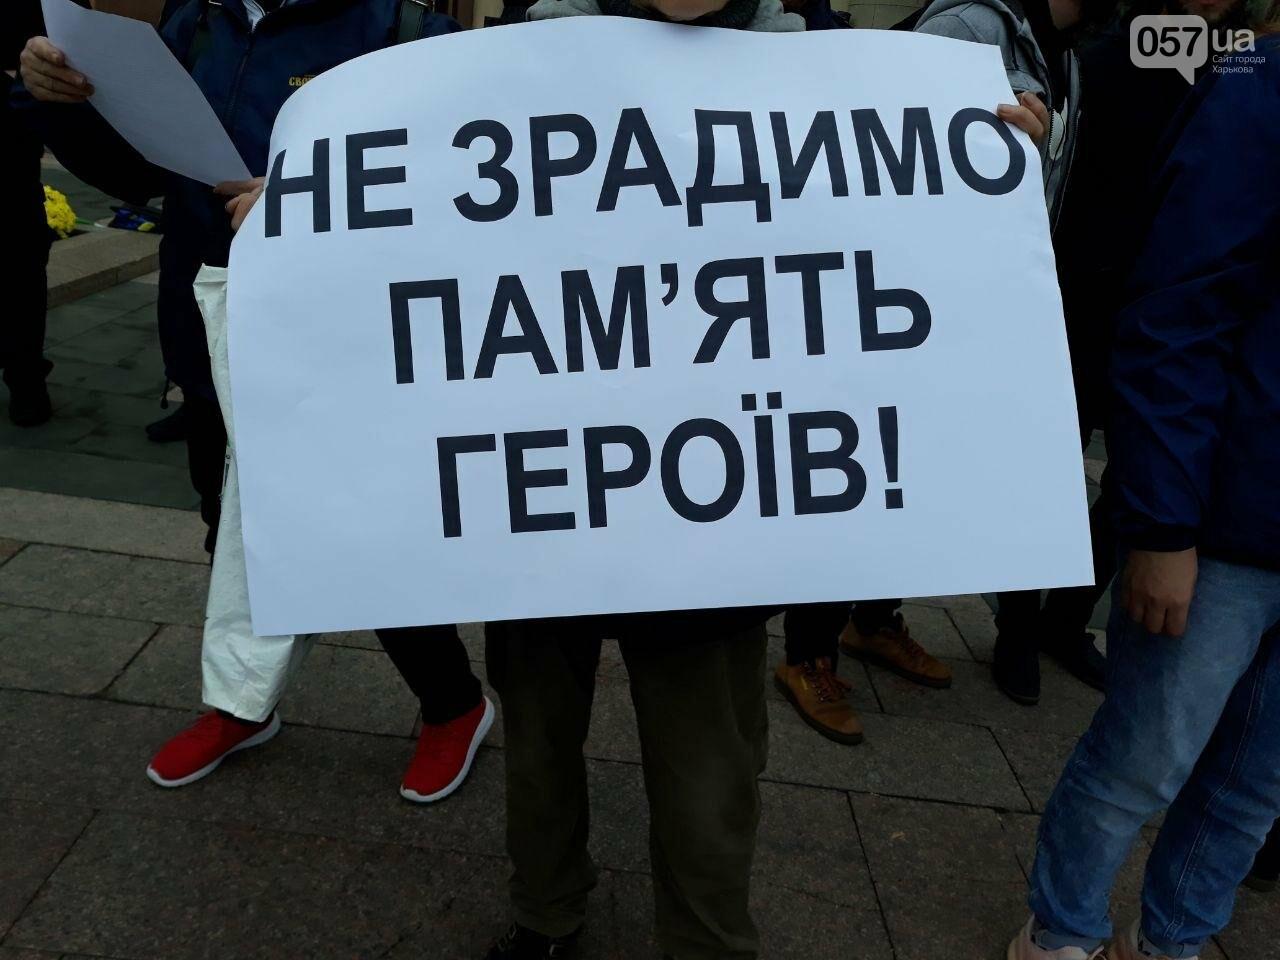 «Сдача национальных интересов Украины недопустима»: в Харькове активисты выступили с требованием к облсовету, - ФОТО, фото-9